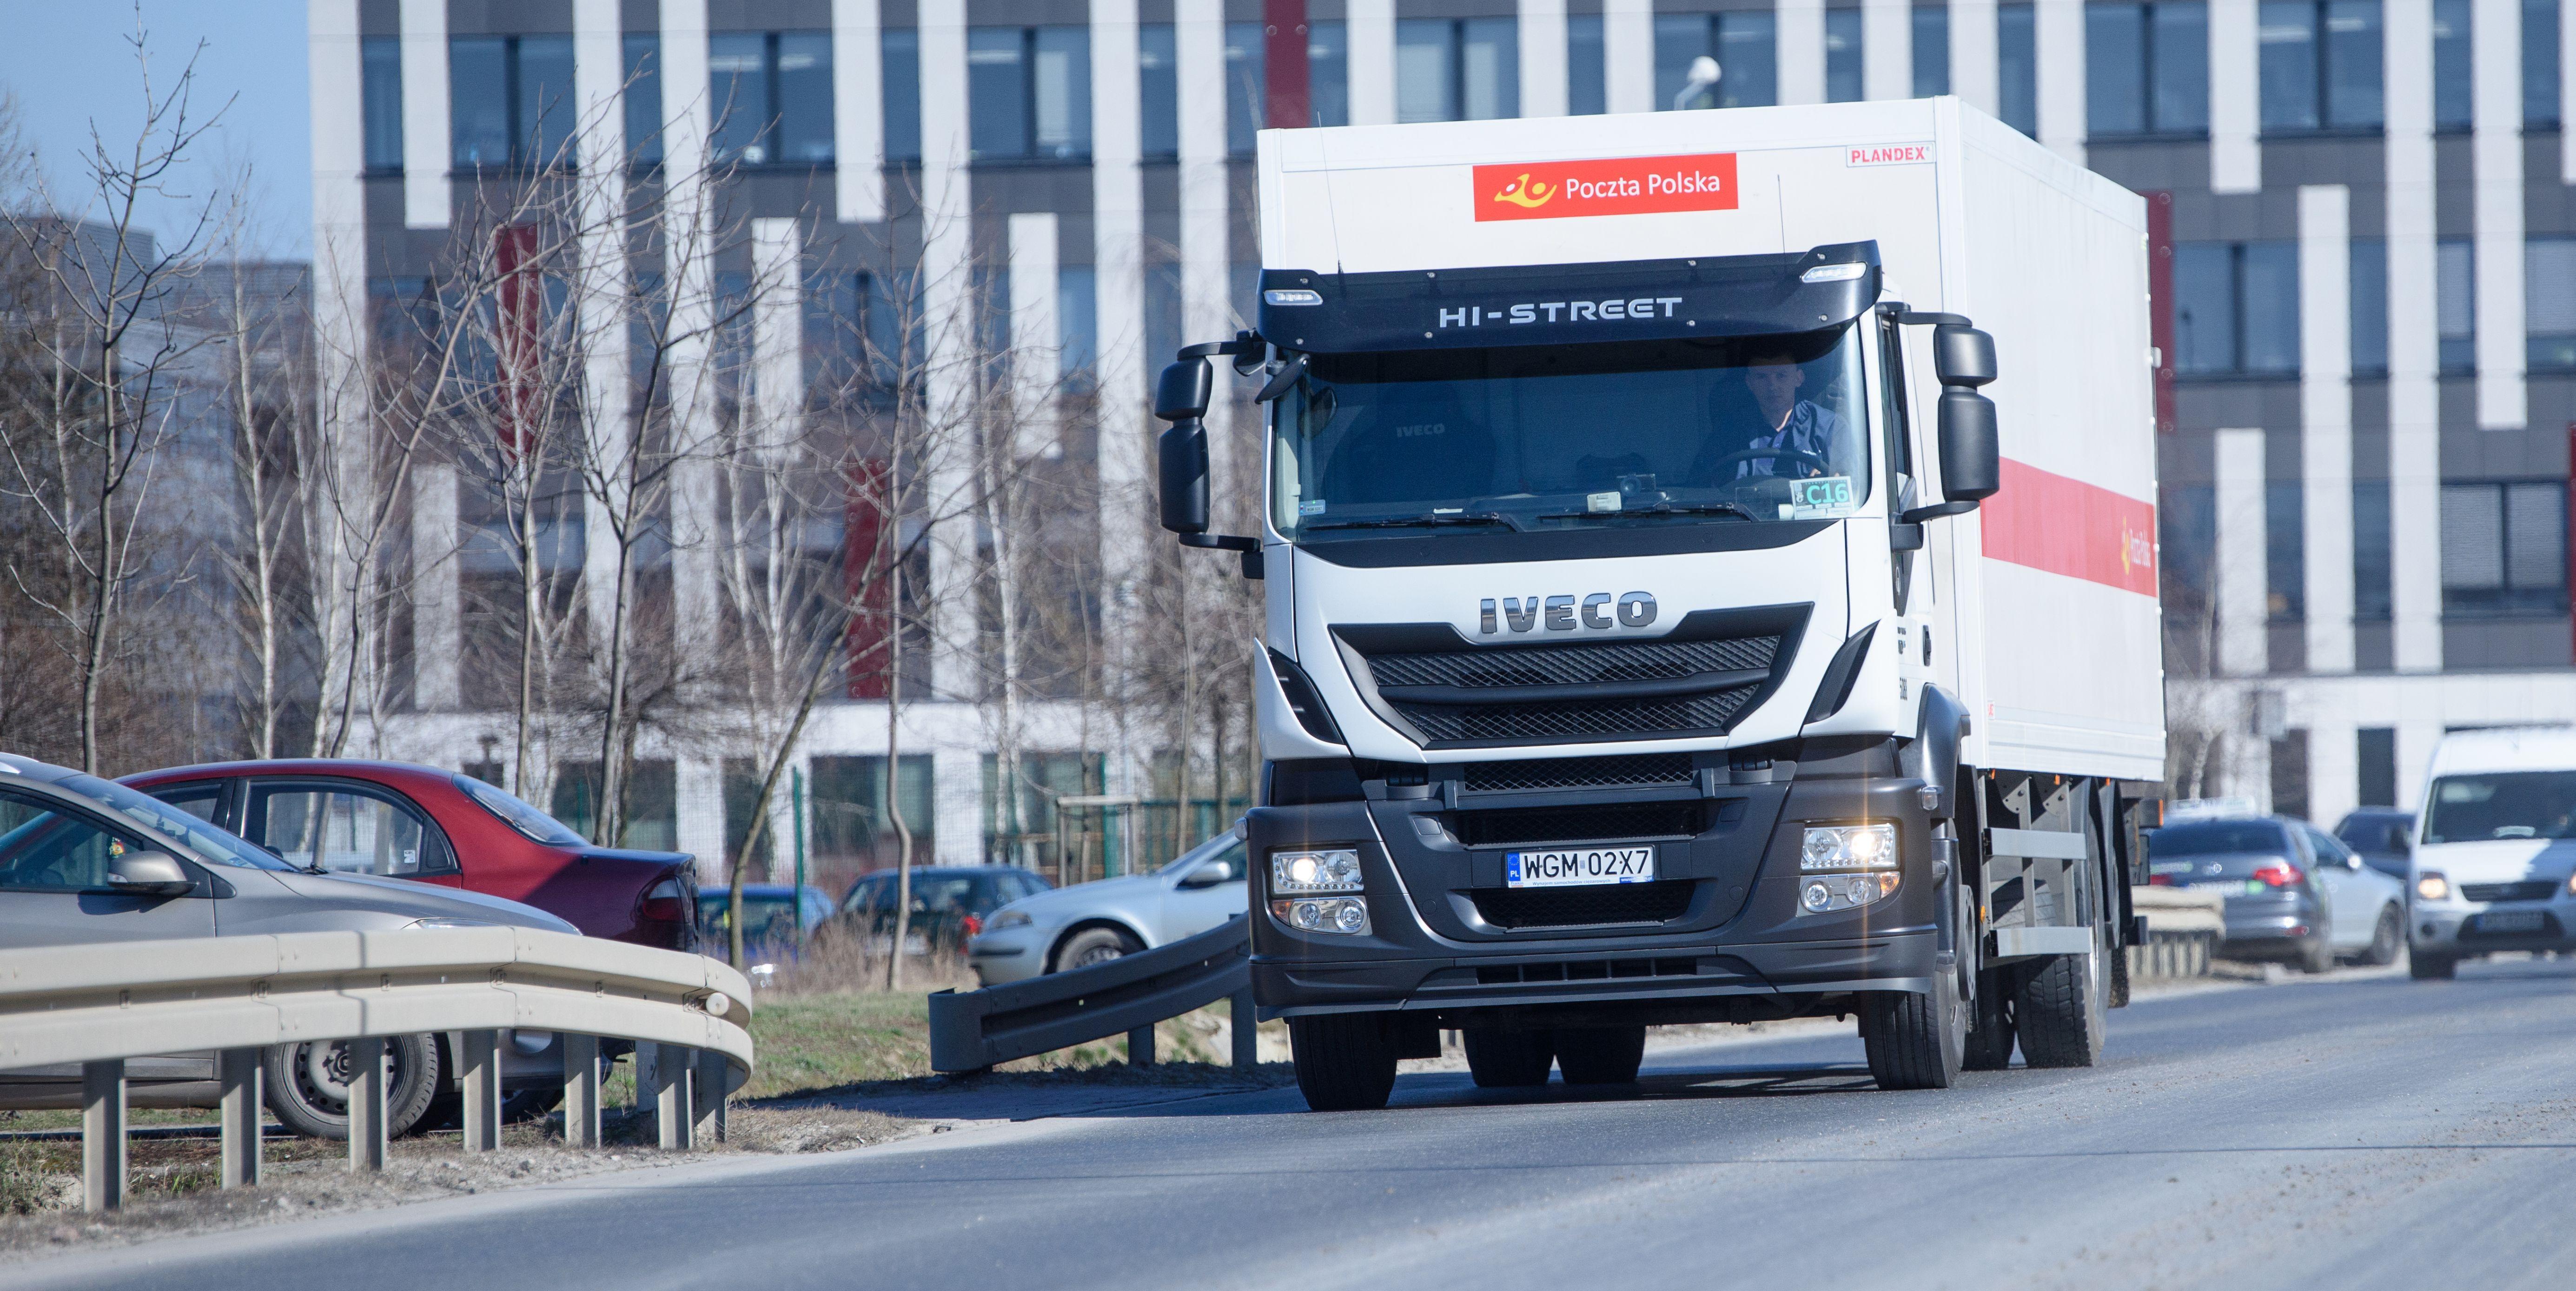 b232c231e0ec53 Poczta Polska będzie rozwozić chińskie towary do trzydziestu krajów  europejskich. A pocztowy łańcuch logistyczny jest już otwarty na potrzeby  stworzenia ...